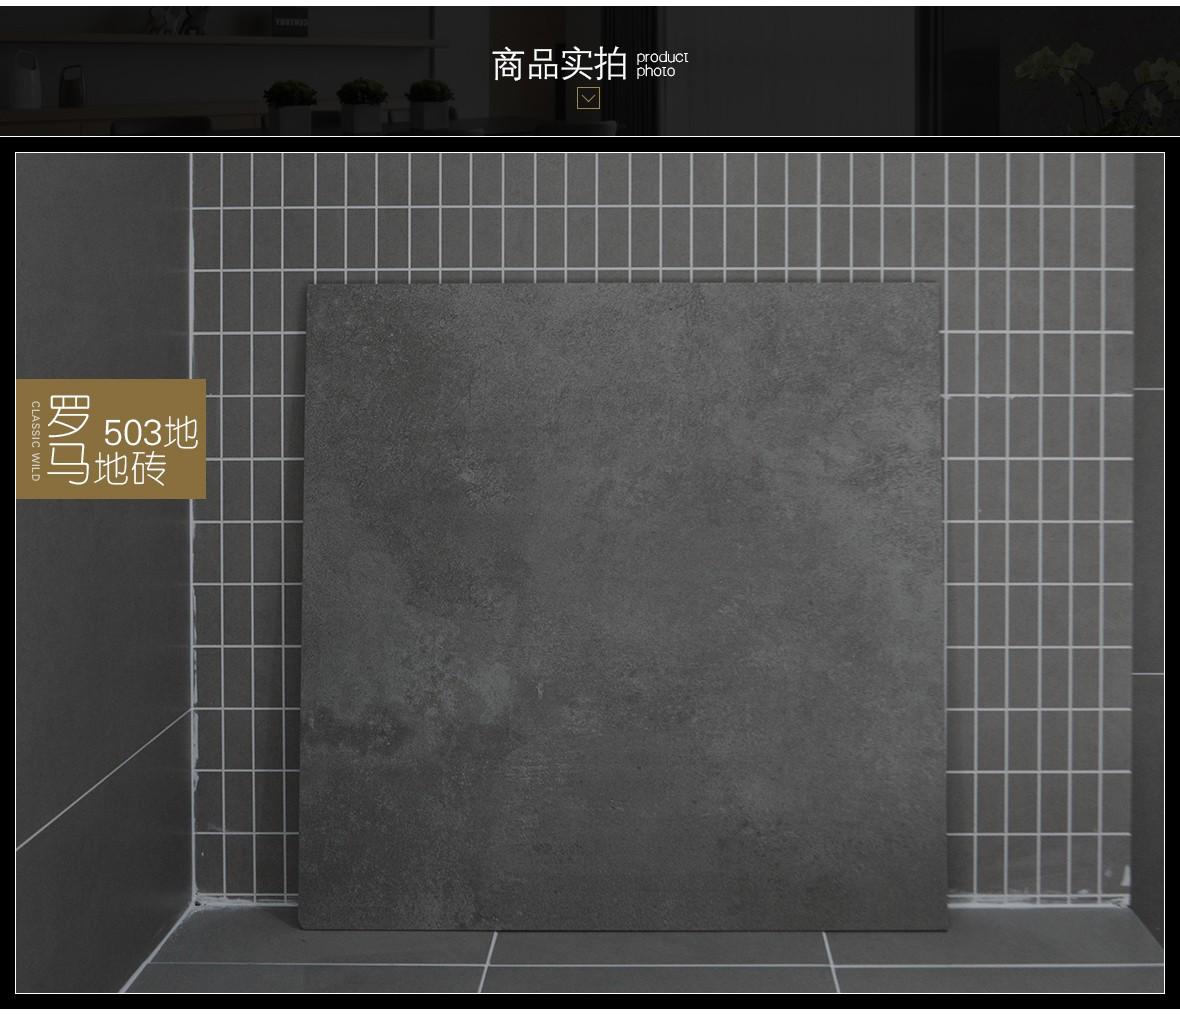 罗马磁砖 503地型号环保瓷质地砖 厨房卫生间地砖/主砖/大砖 实拍